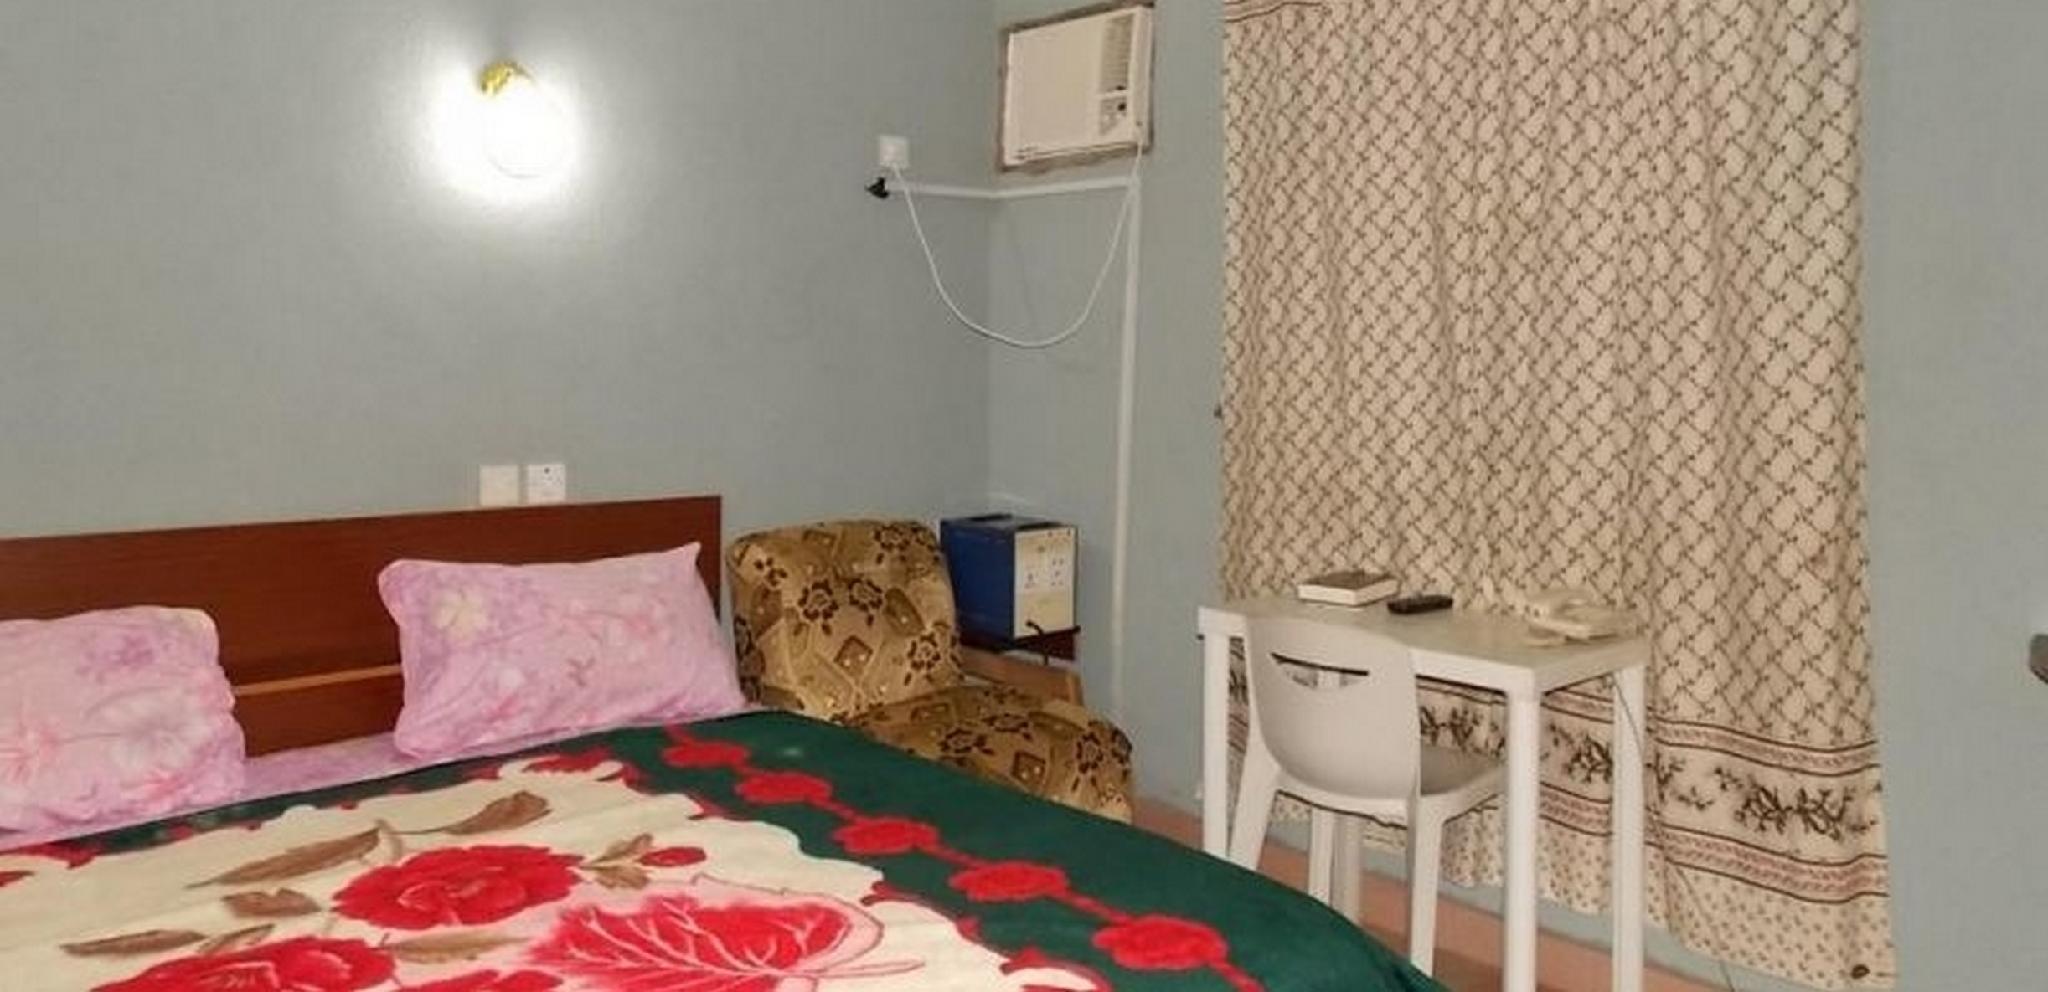 Sity Inn Ilorin